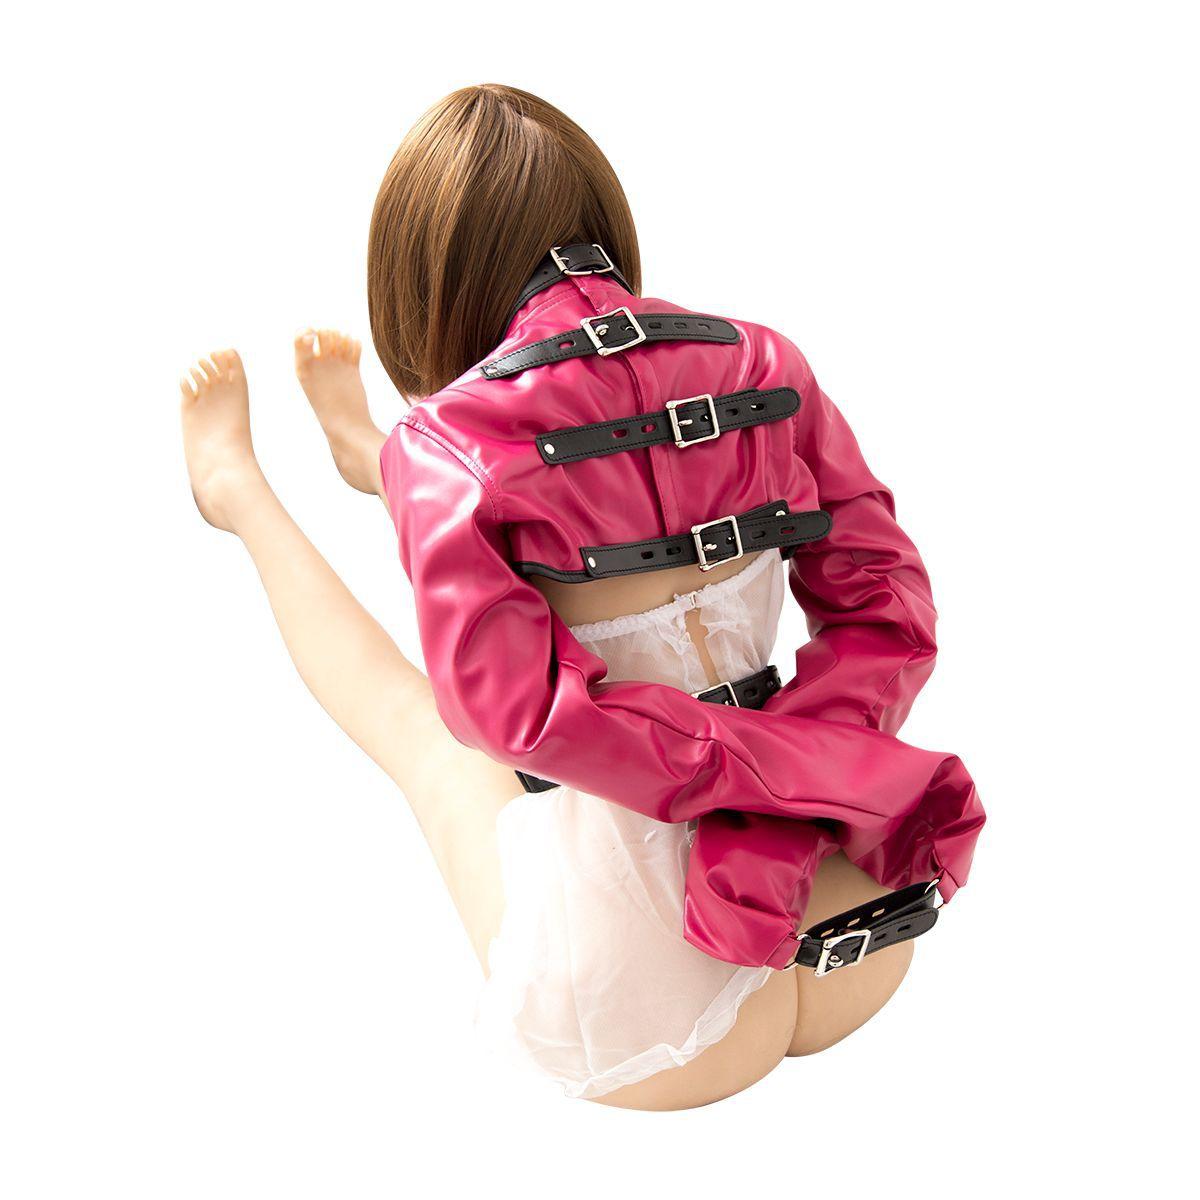 Couro ajustável arm binder straitjacket bdsm bondage restrição adulto jogos em linha reta jaqueta fetish arnês algemas roupas